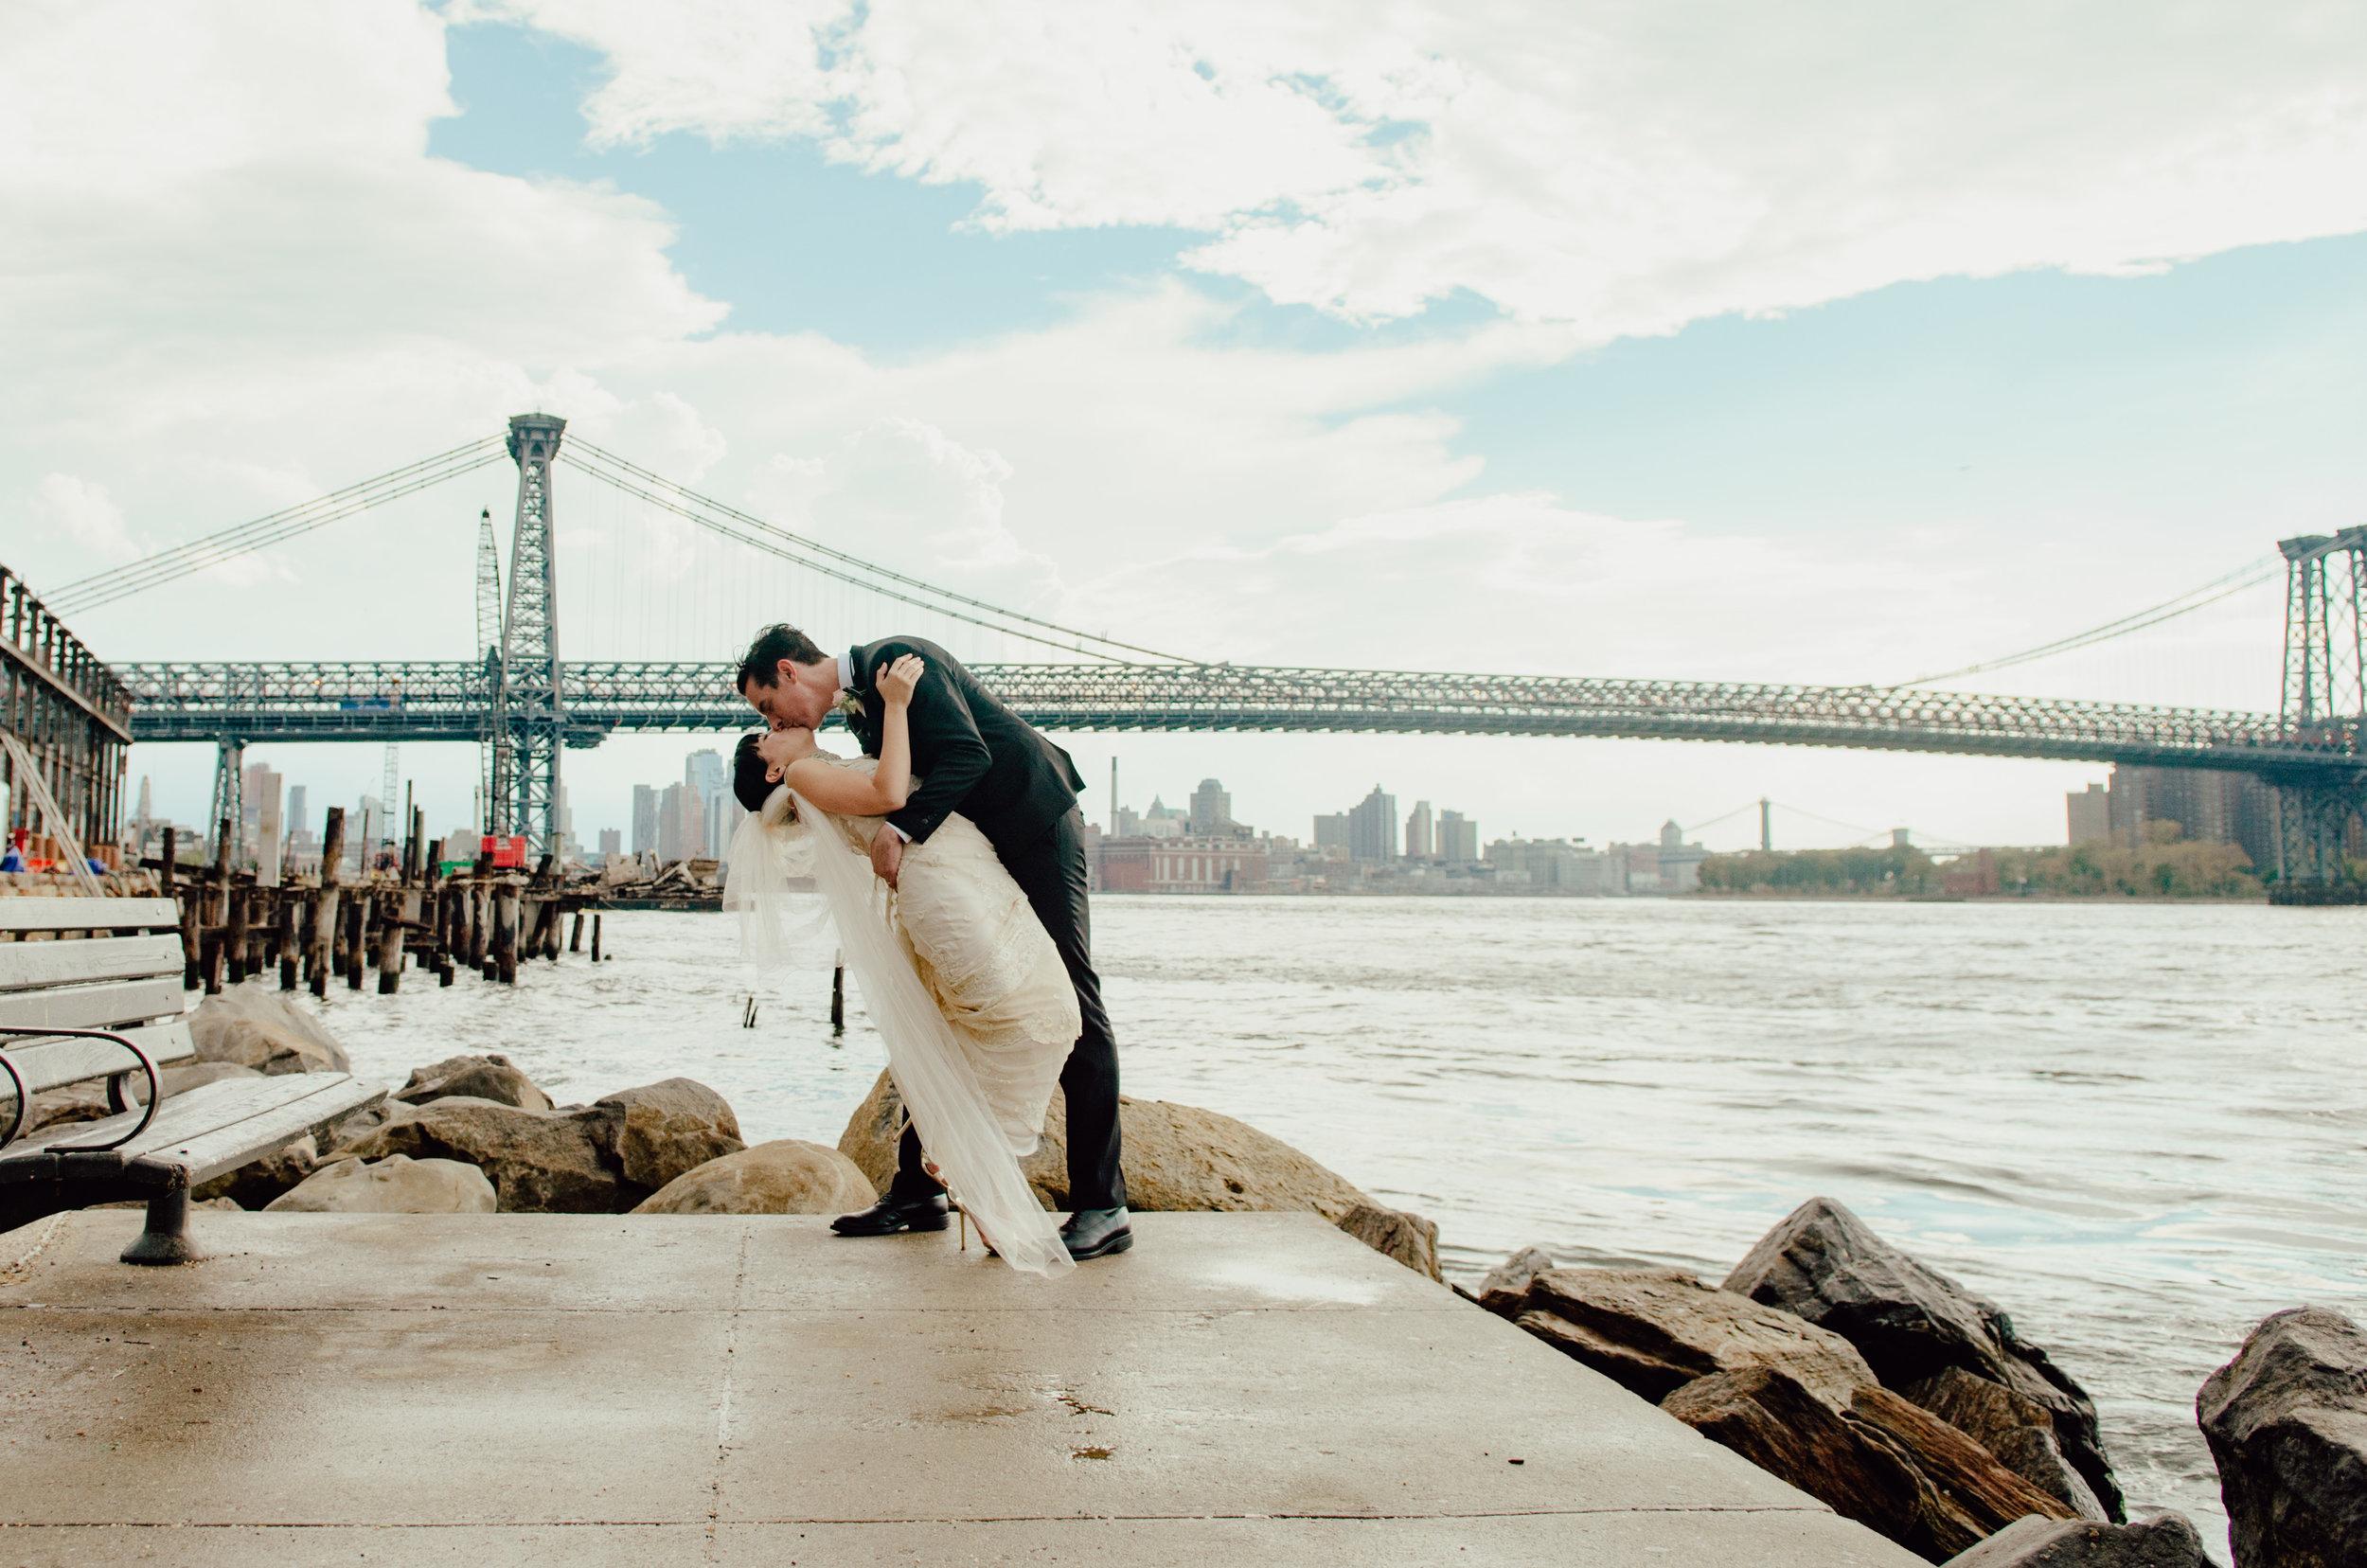 cleland-studios-weddings-52.jpg